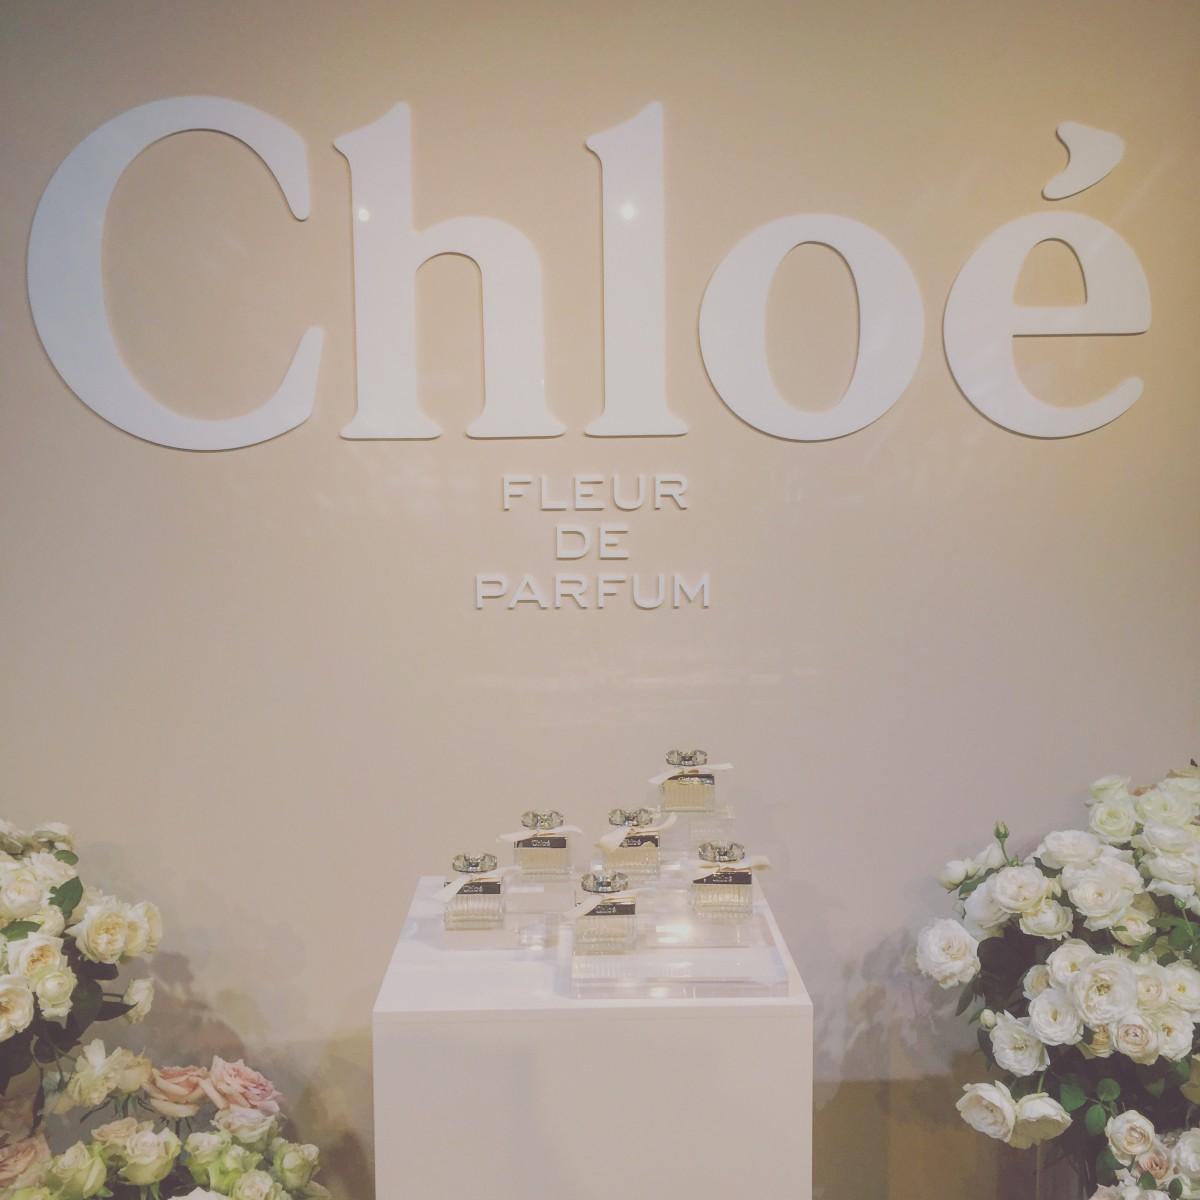 肌のうえで官能的な甘さに変化する♥夏でも使いたいChloé の新作香水